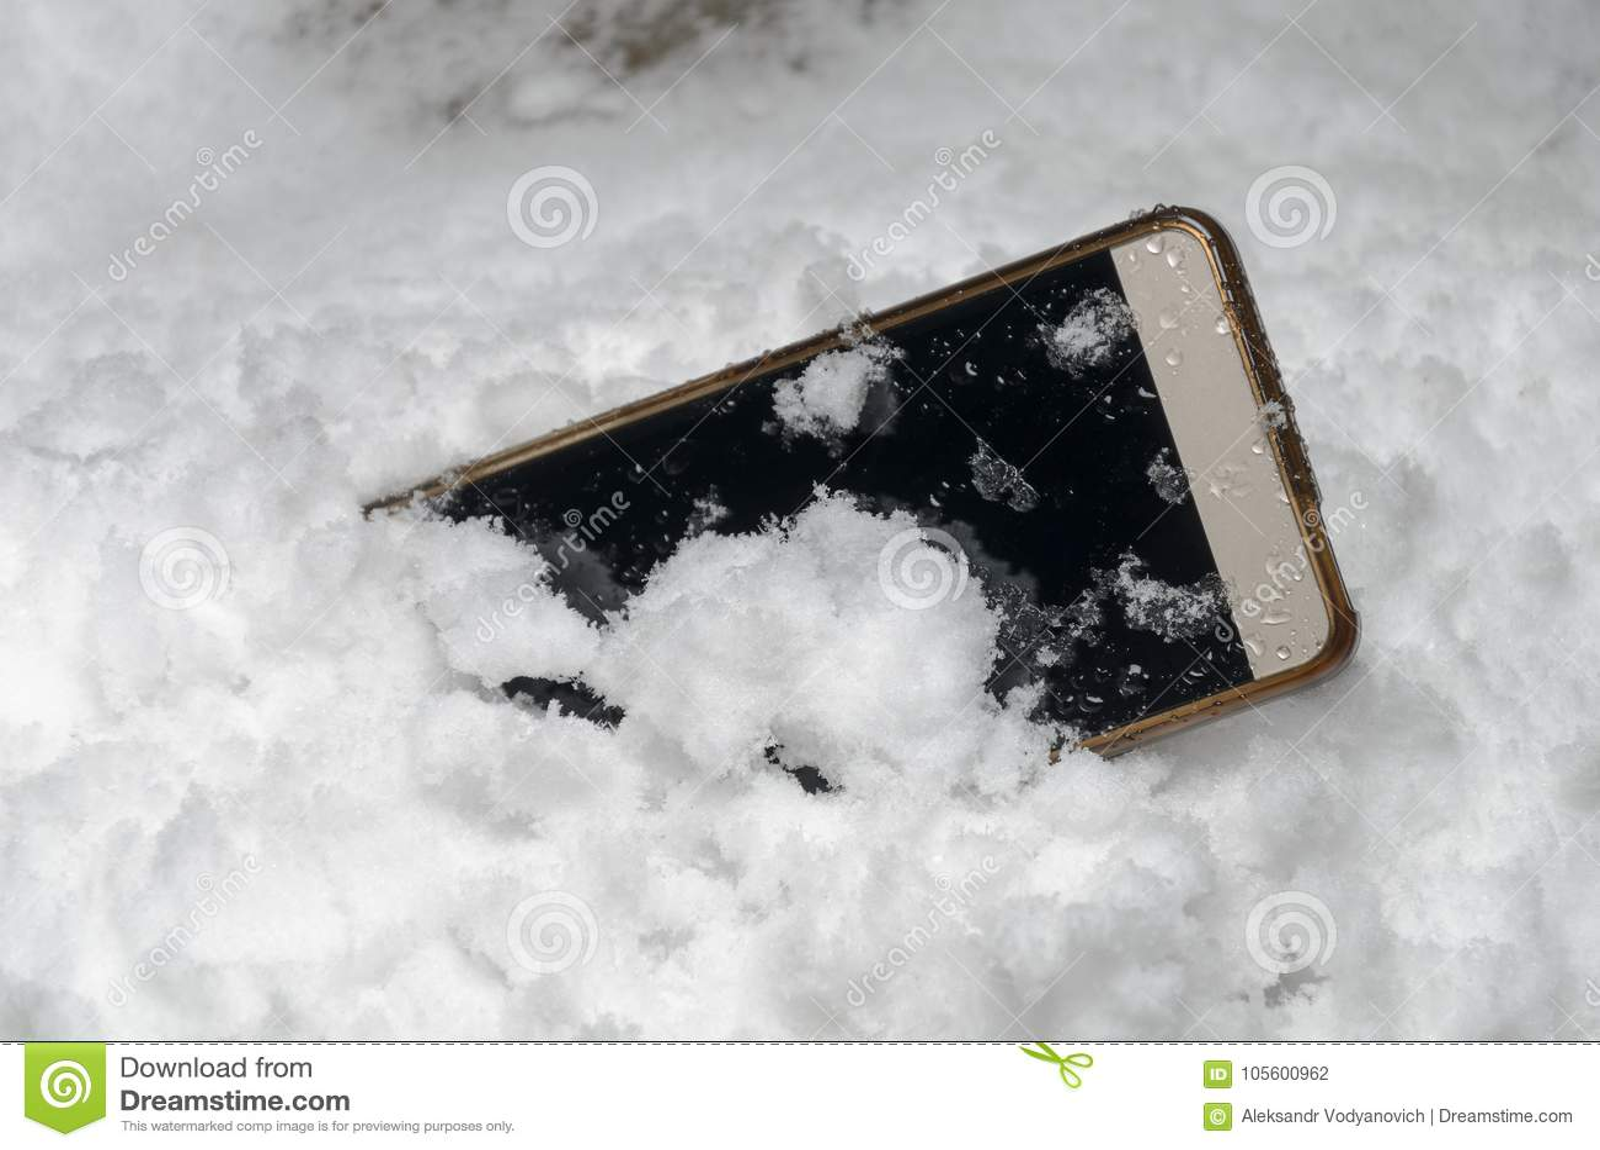 Το κινητό τηλέφωνο έπεσε τυχαία έξω και χάθηκε στο χιόνι